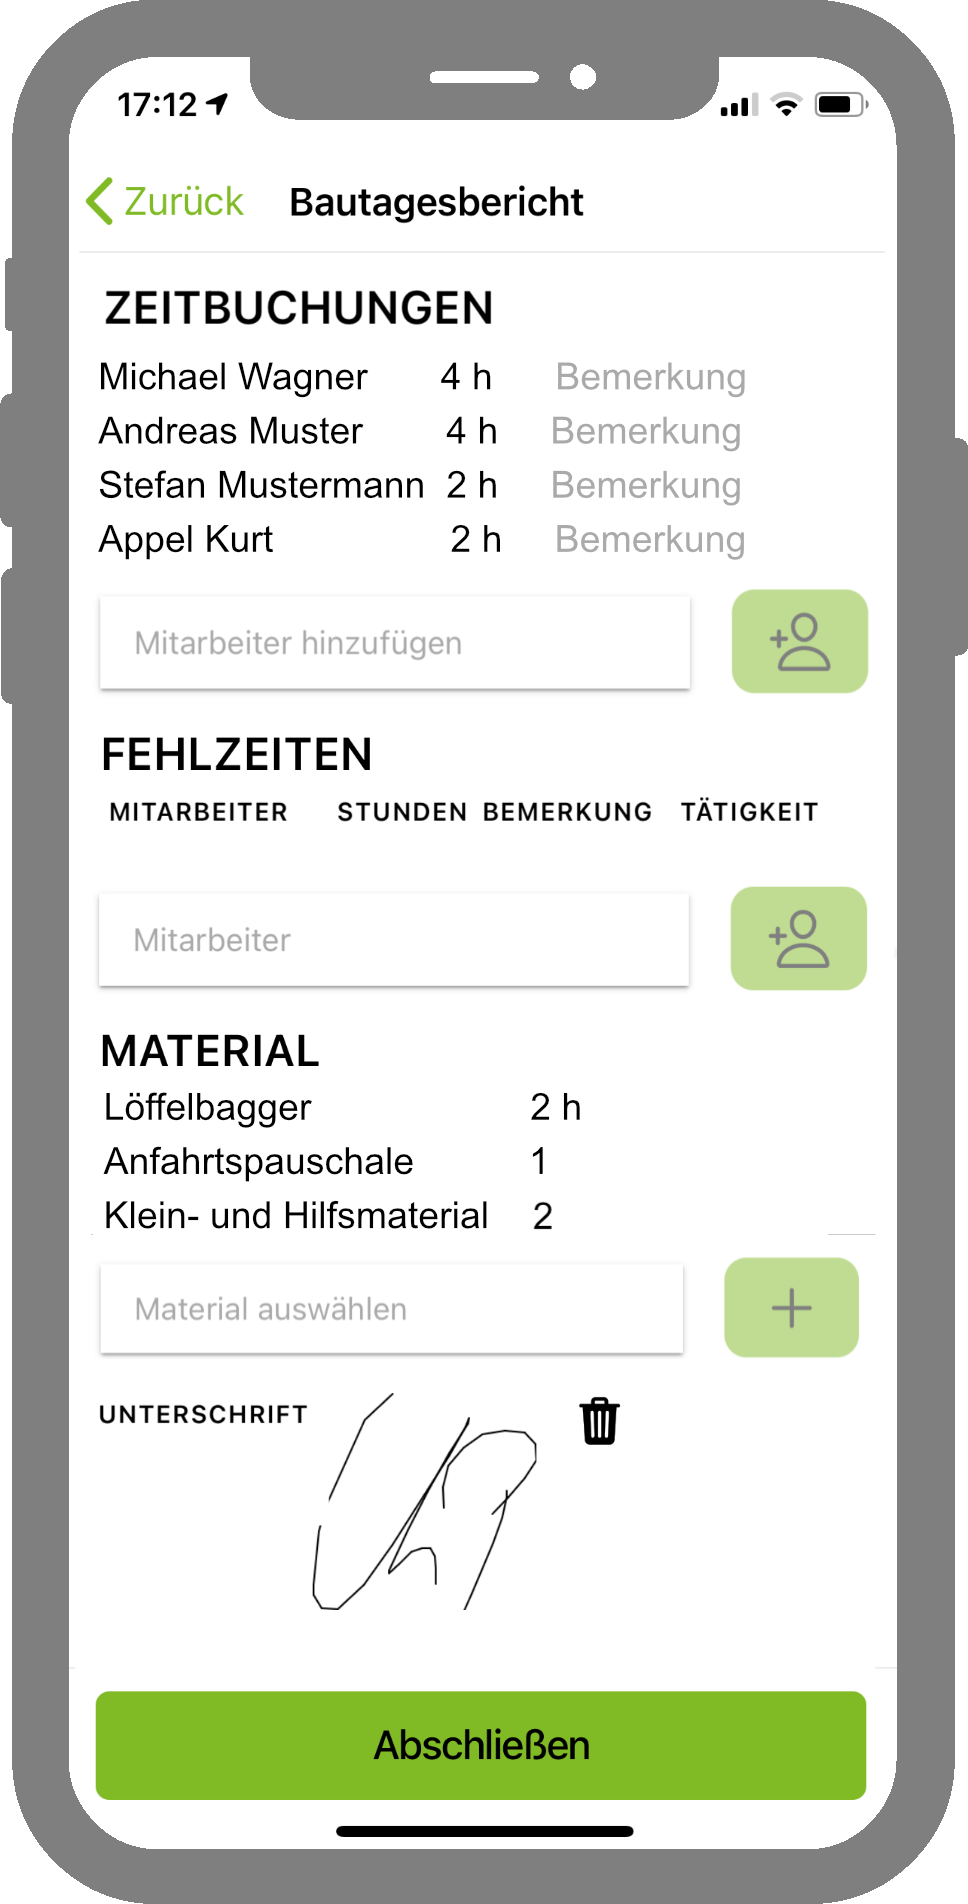 Bautagesberichte in der IMS.app erstellen